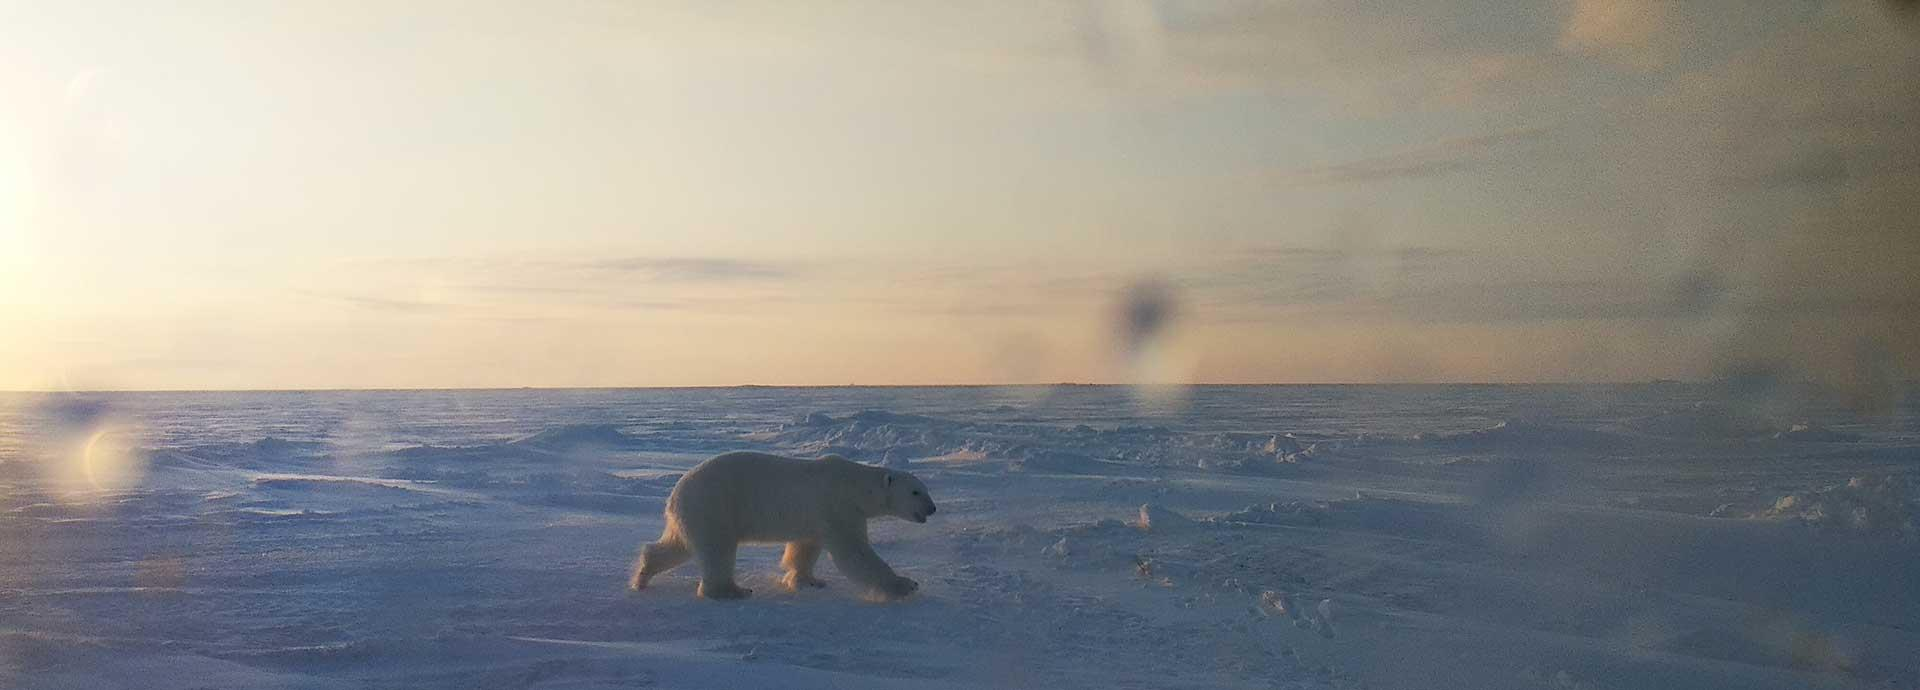 Polar Bear in Sabetta